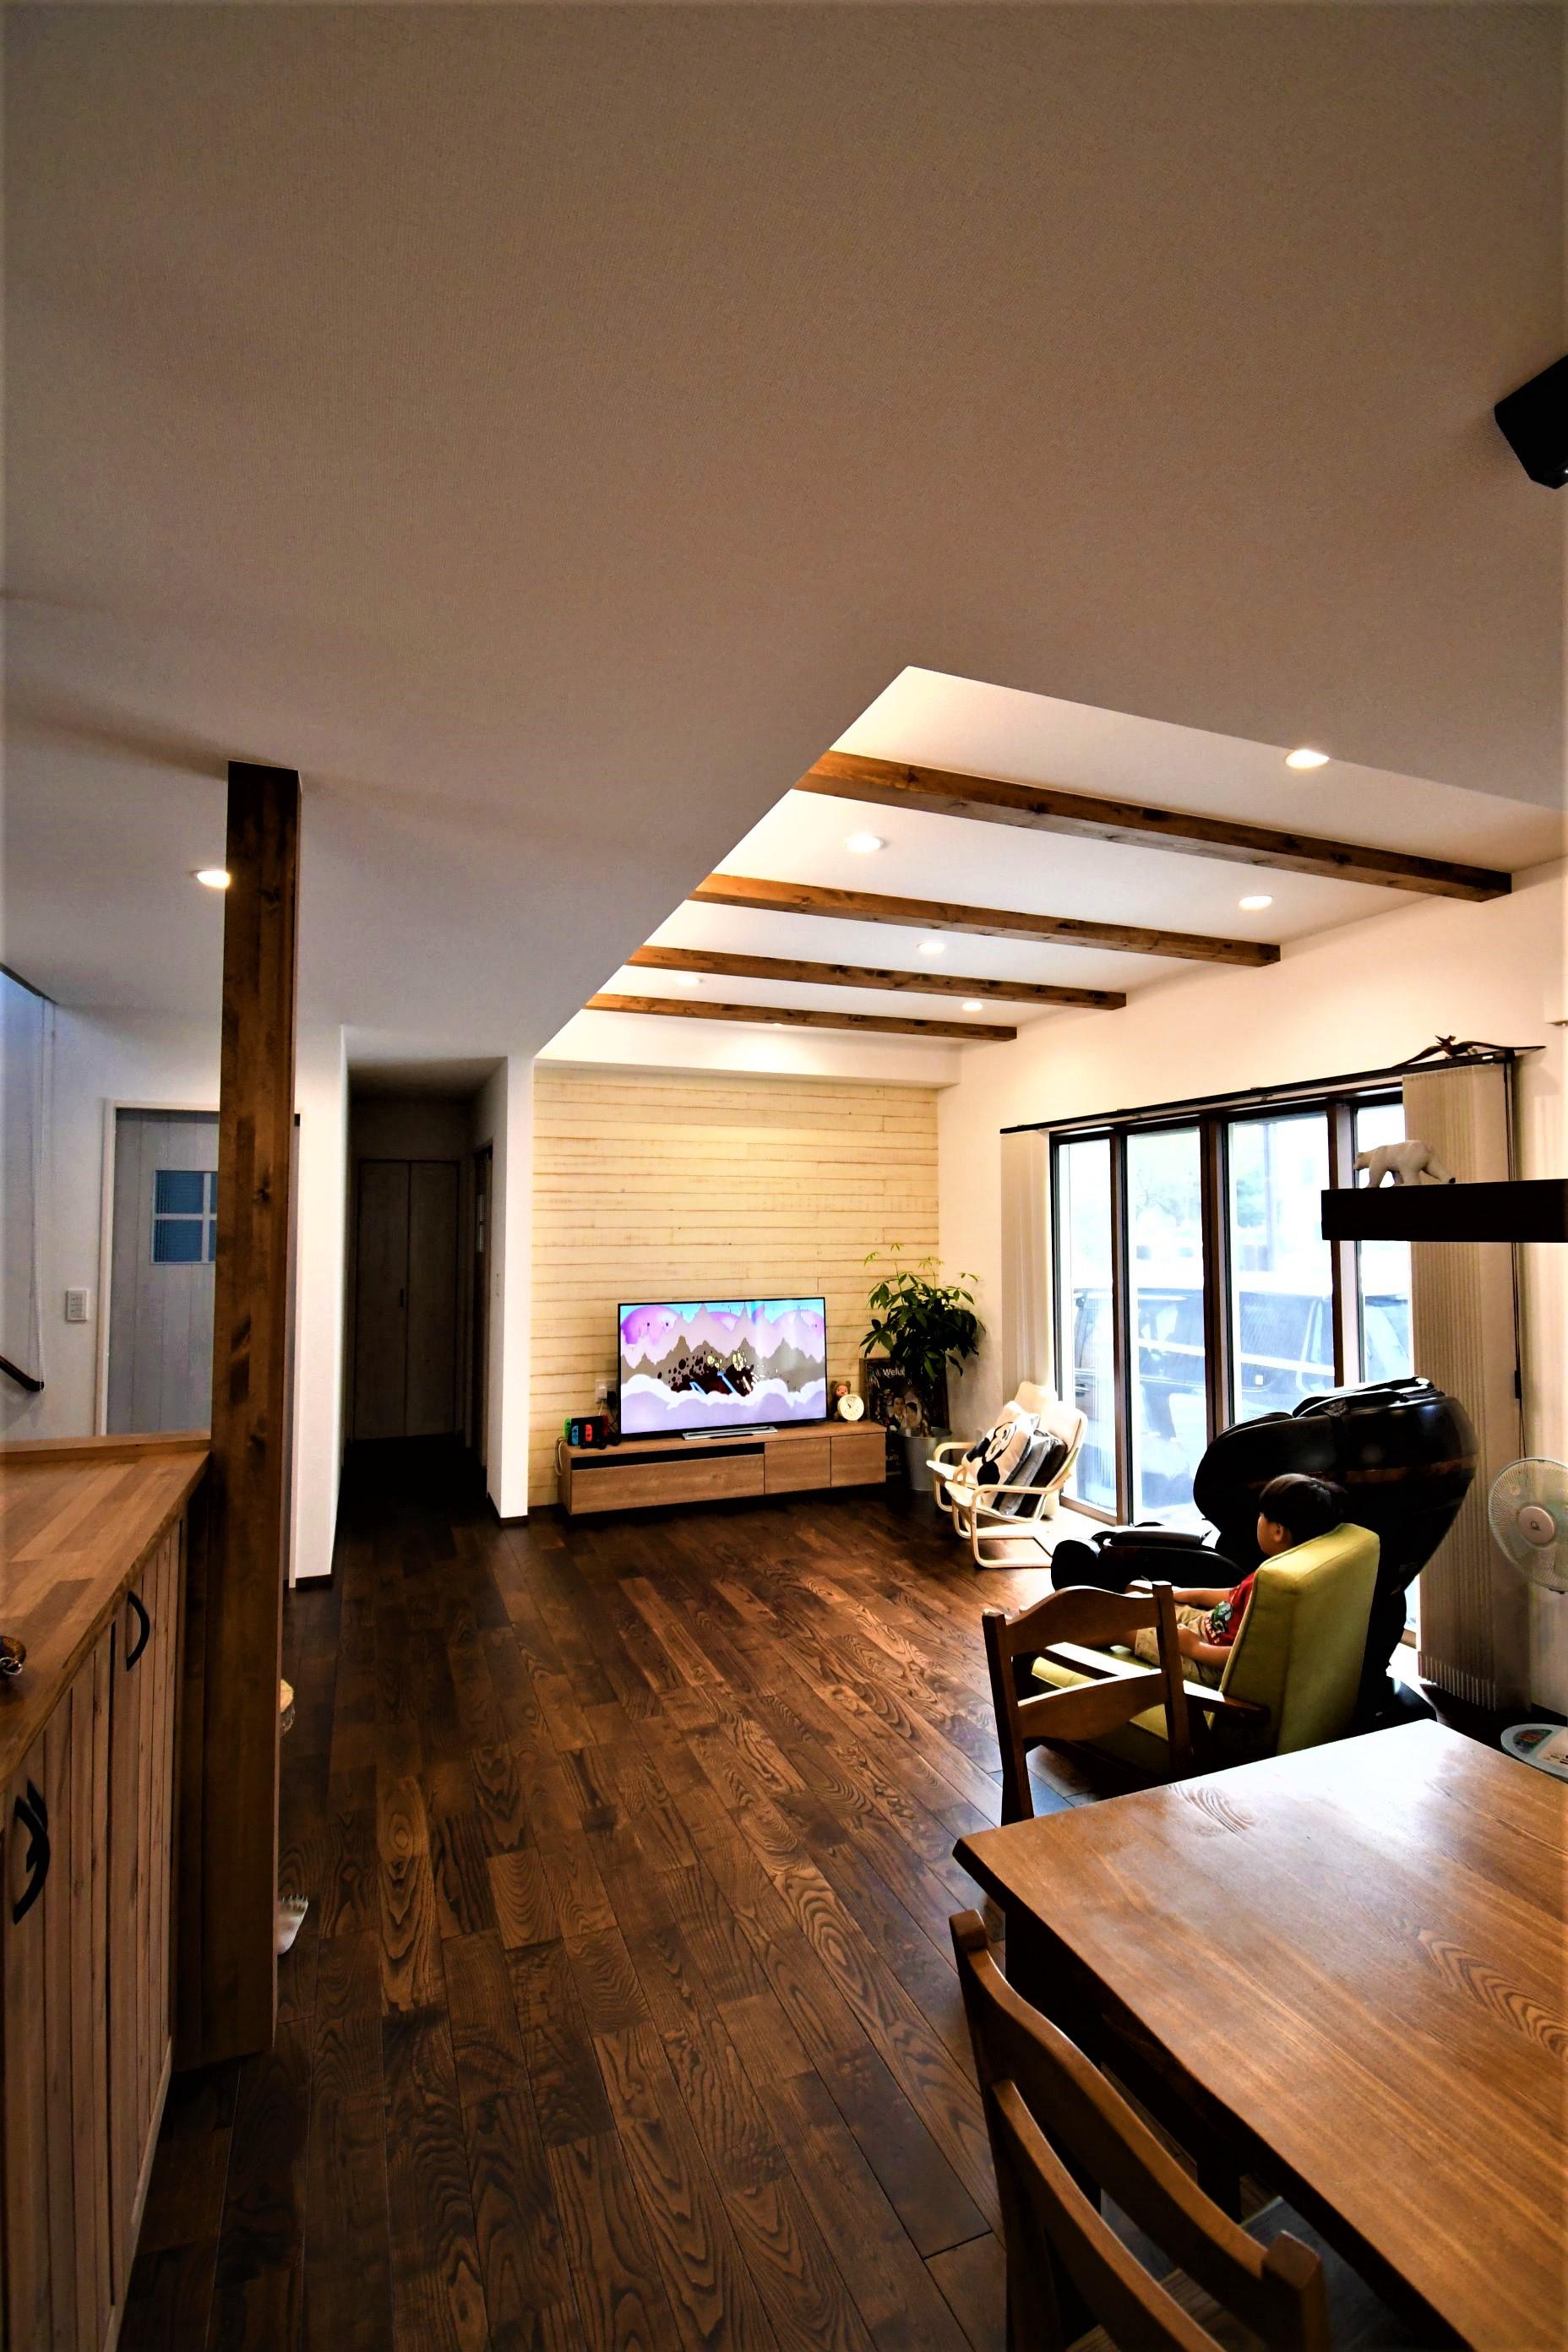 丸七建設興業【デザイン住宅、間取り、インテリア】化粧梁と木目の柱がアクセント